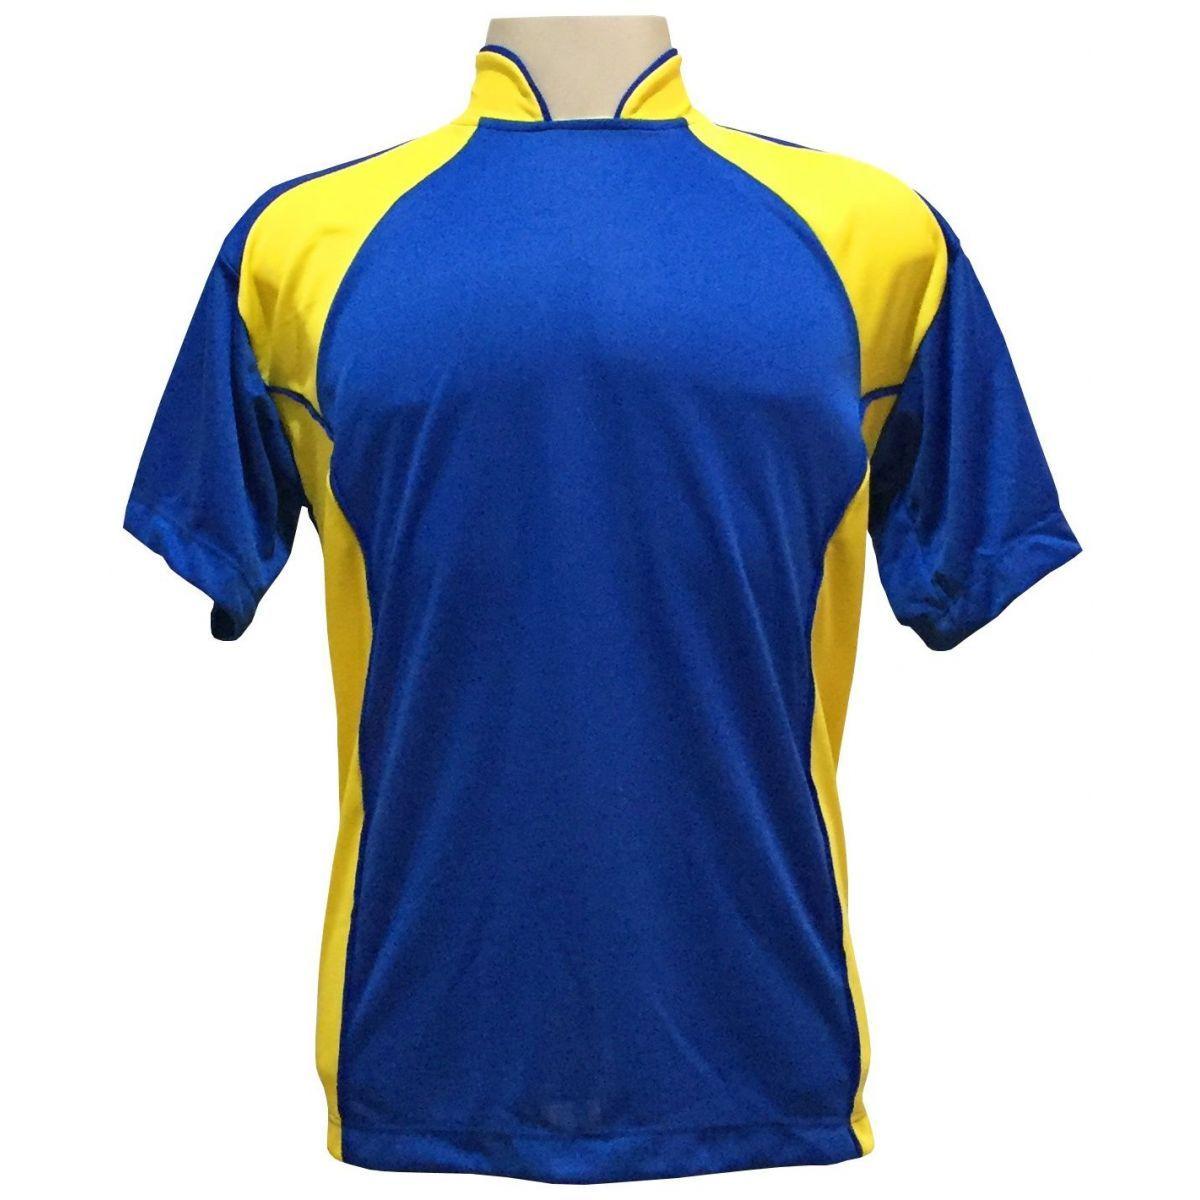 Jogo de Camisa com 14 unidades modelo Suécia Royal/Amarelo + 1 Camisa de Goleiro